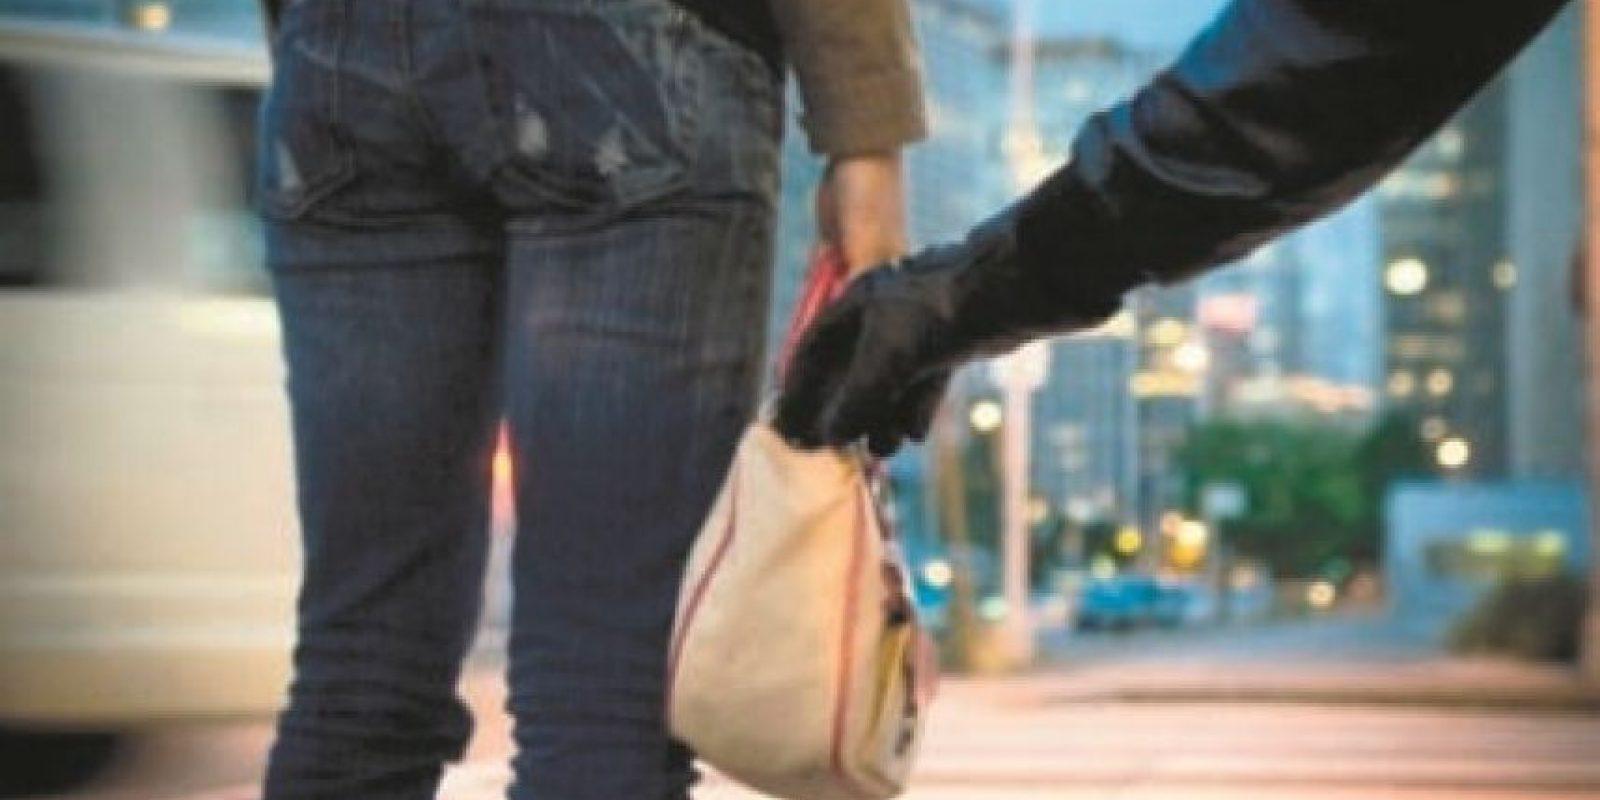 Alteraciones de los patrones sociales • El 20.0 de la población de 12 años o más evita salir de noche para no ser víctima de la delincuencia.• El 15.2% de los ciudadanos trata de no visitar lugares peligrosos• El 35.1% evita llevar prendas u objetos valiosos visibles• Hay un 3.8% que trata de andar siempre acompañado, aunque eso no evita ser víctima.• El 58.7% de los hombres anda vigilante ante la delincuencia, frente al 51.3% de las féminas.• El 44.1% de la población confiesa haber dejado de realizar alguna actividad social por miedo a la delincuencia• El 14.4% de los encuestados ha dejado e vestirse con piezas caras para evitar los asaltos y el 22.2% prefiere no salir de sus casas por la misma razón. Foto:Fuente externa